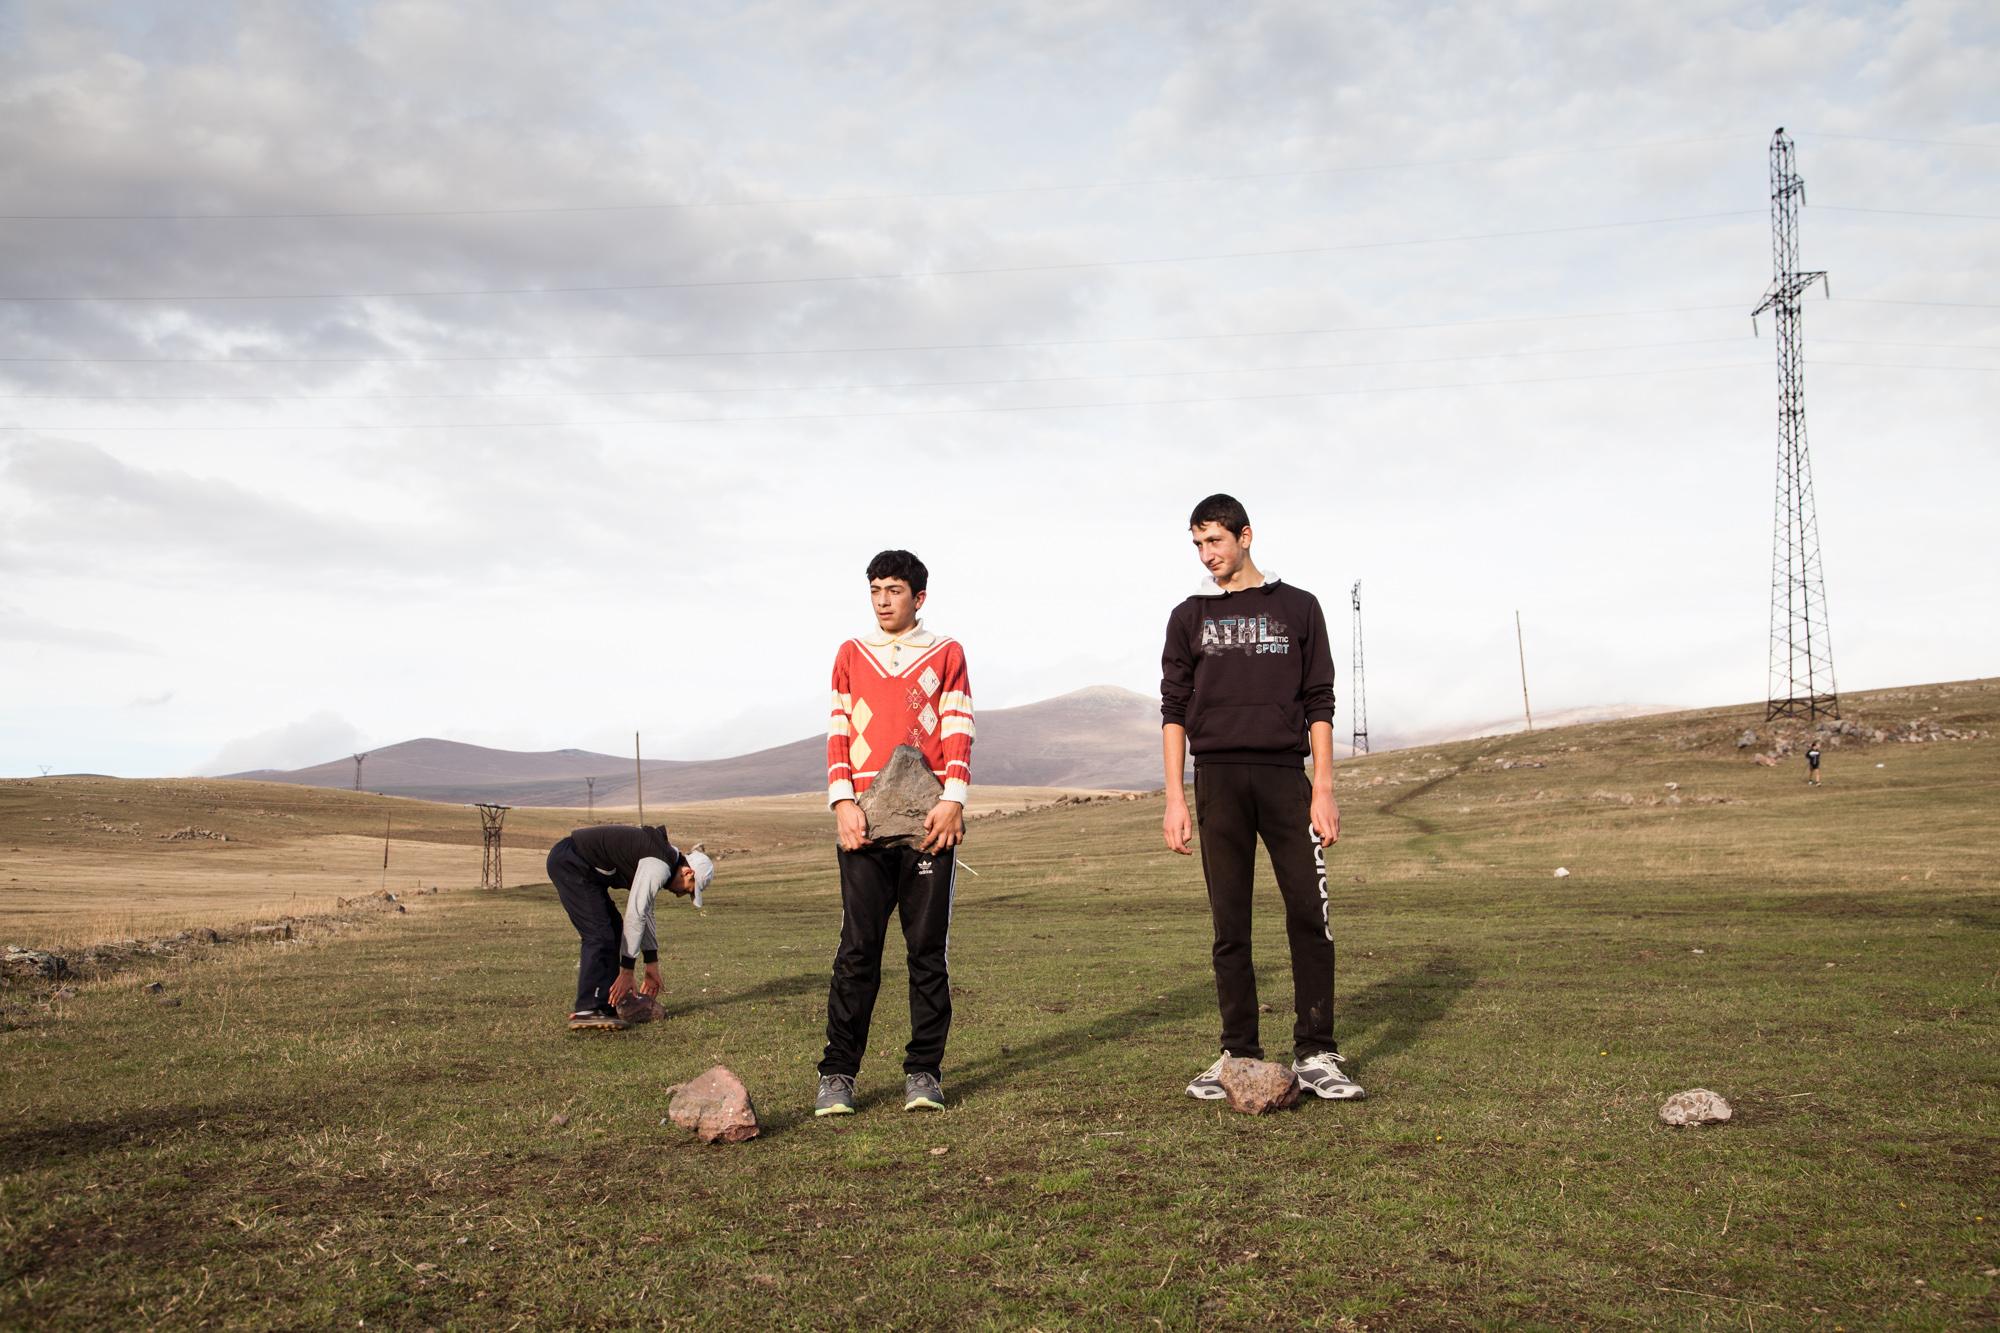 Comme un condensé de l'Arménie de ces dernières décennies... À la sortie d'Ashotsk, une quinzaine de jeunes se retrouvent chaque soir. Artur et sa femme Alla, anciens champions internationaux de ski de fond, les font transpirer. Faute d'altères, l'entrainement se fait avec des pierres.  Extraits du webdocumentaire   Ashotsk, aux confins de l'Arménie  .